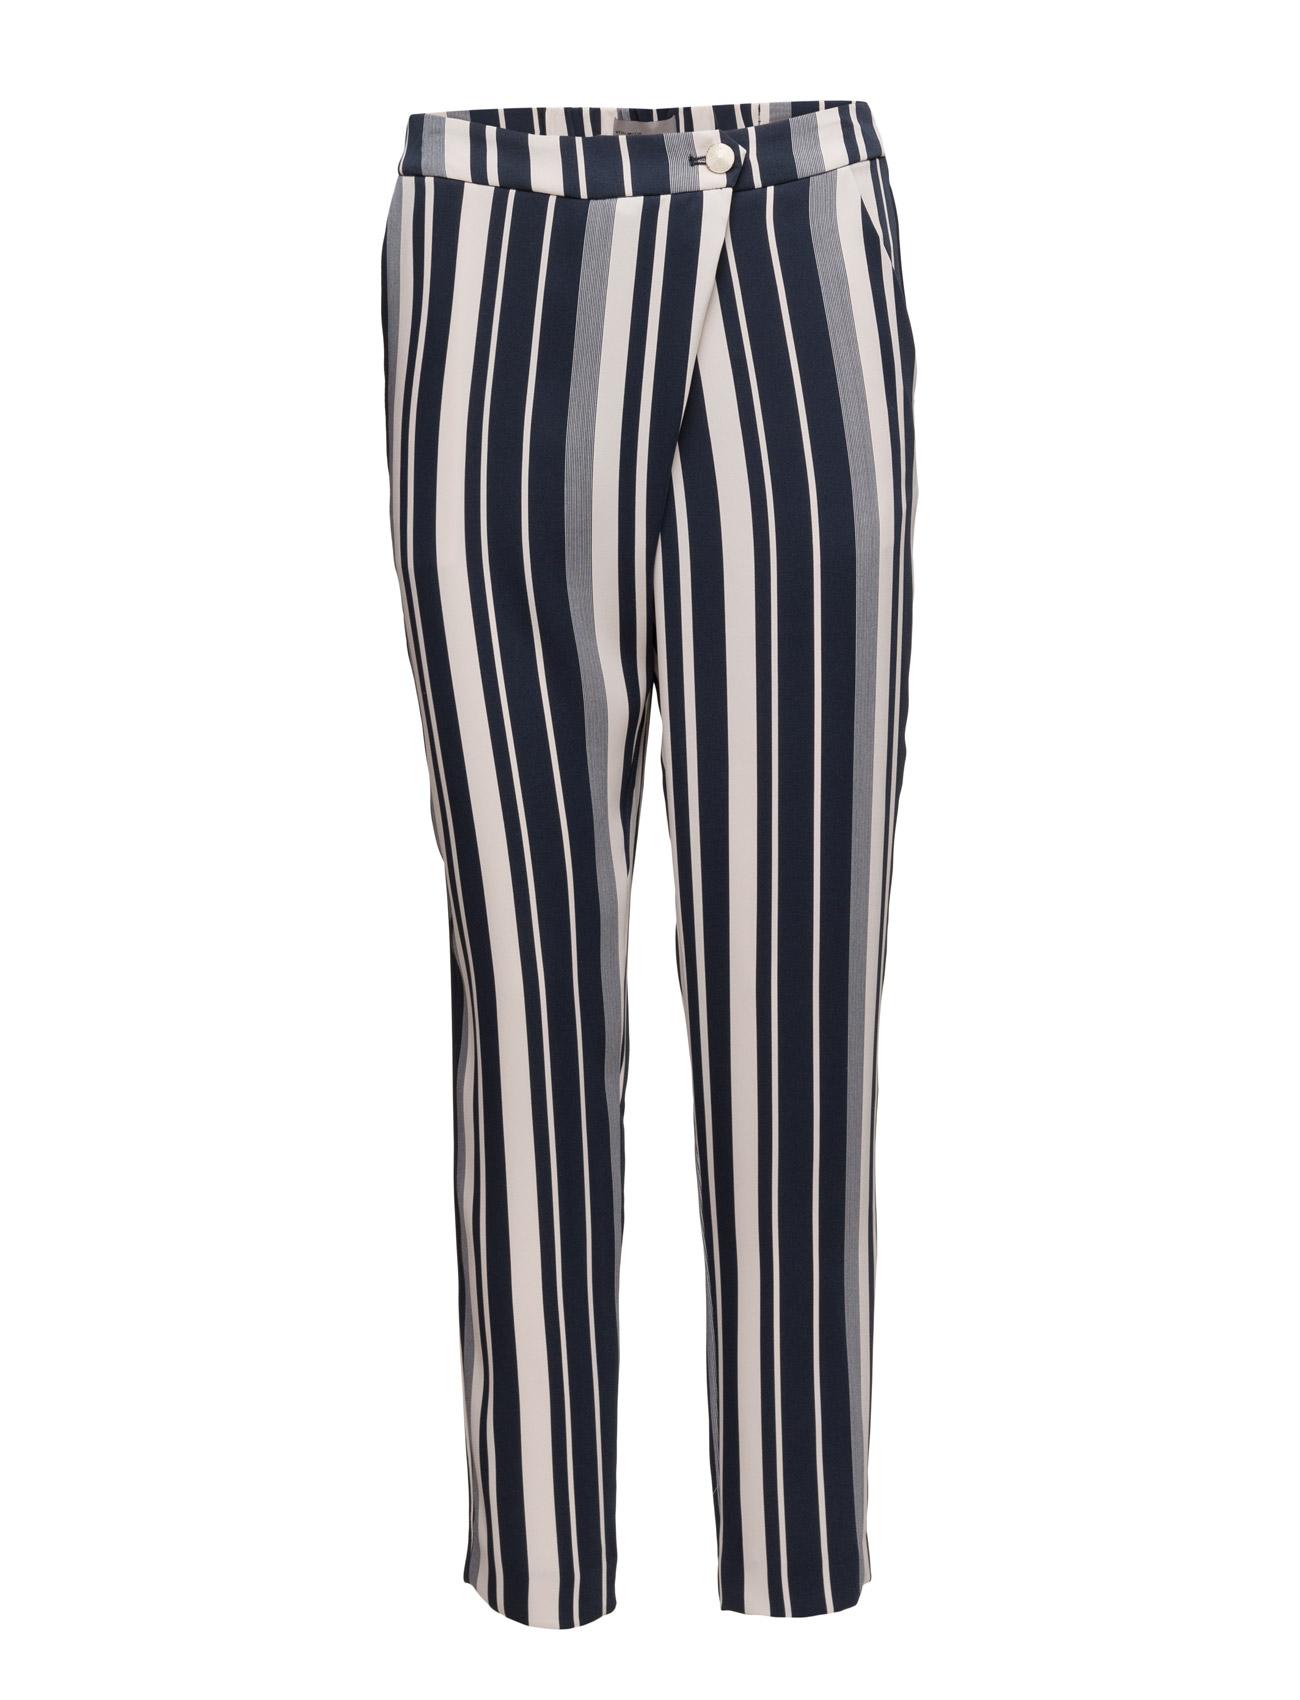 Vmviolet Ankle  Pants Vero Moda Bukser til Kvinder i Sne hvid